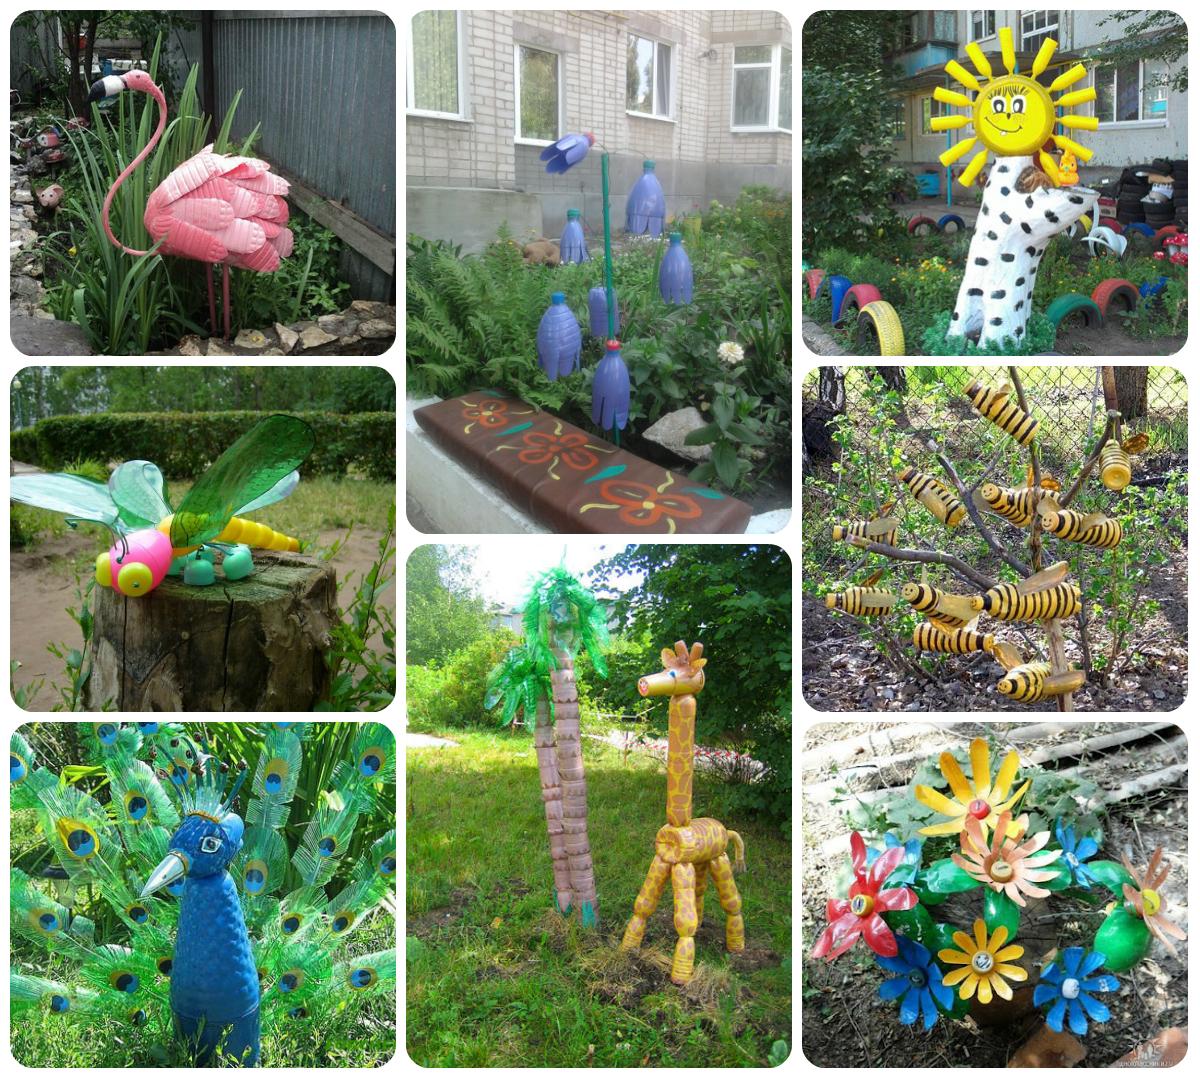 Поделки для сада своими руками: 200 лучших идей 2019 на фото